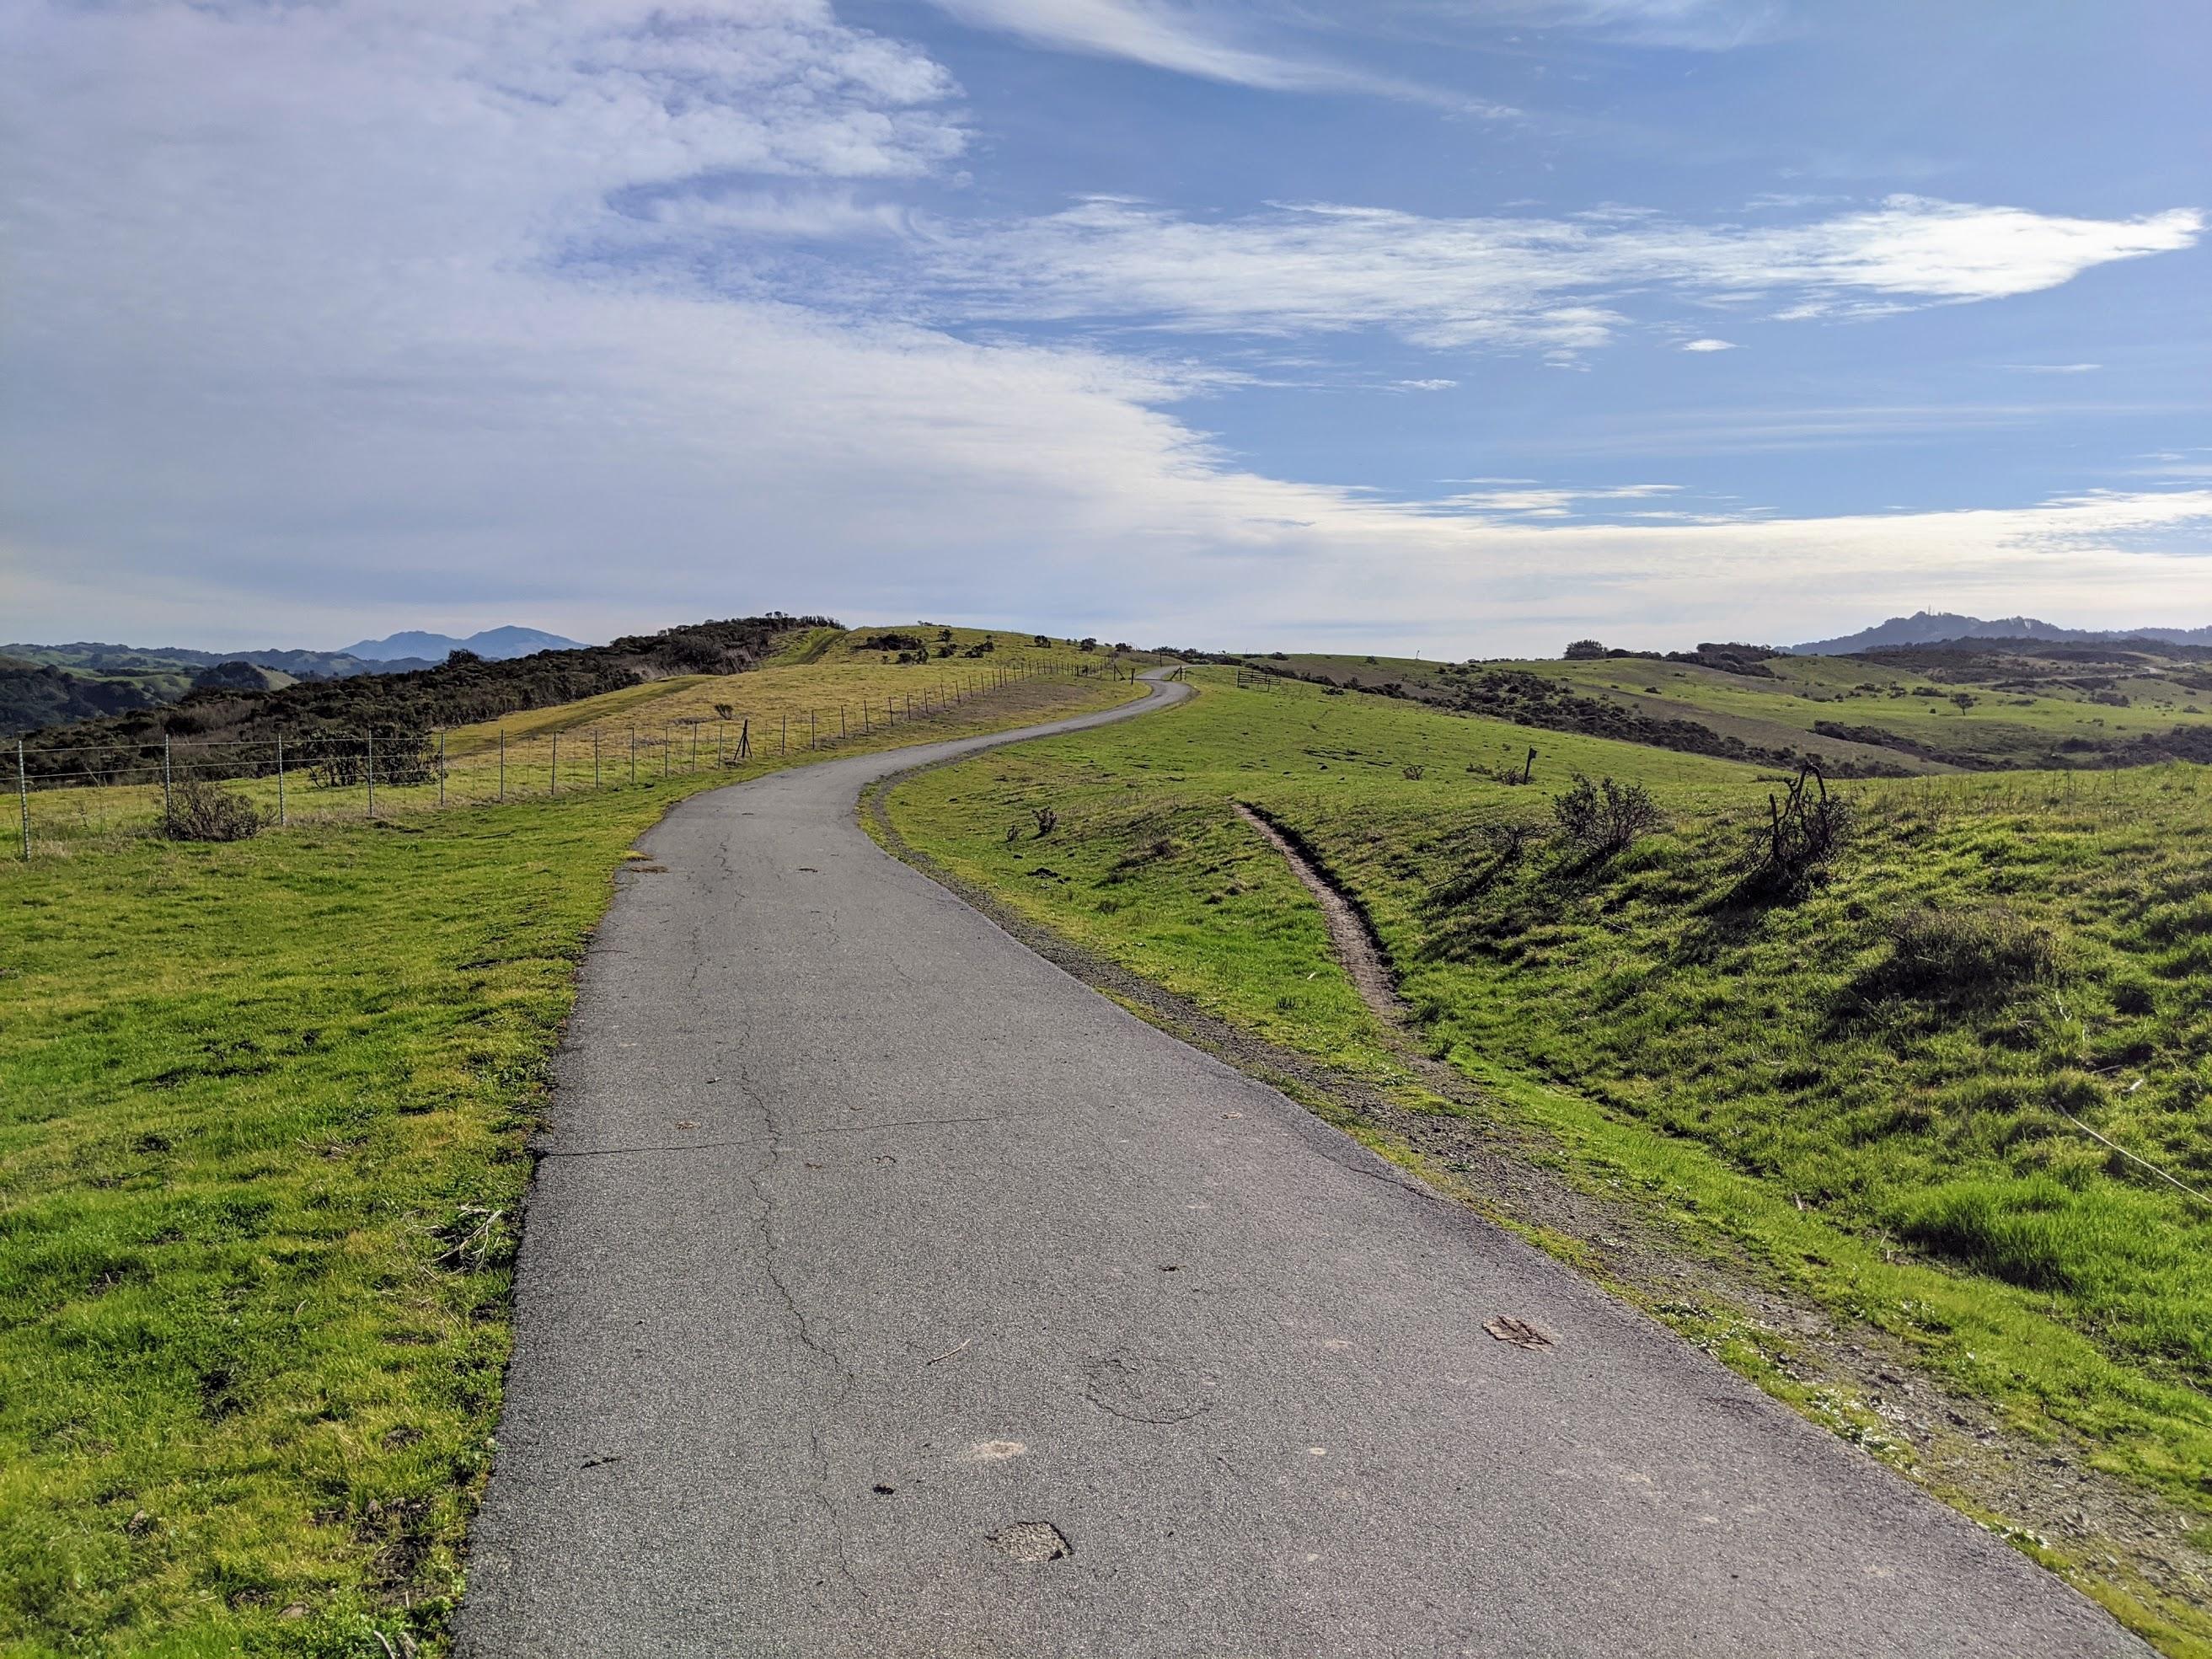 Sulla sommità delle colline che stanno alle spalle di Berkeley passa il sentiero detto Nimitz Trail che da Inspiration Point prosegue per vari km fino a scendere verso l'abitato di San Pablo. Da Inspiration Point solitamente percorro 5km lungo Nimitz per poi rientrare alla partenza per un percorso totale di 10 km. Tutti spettacolari.